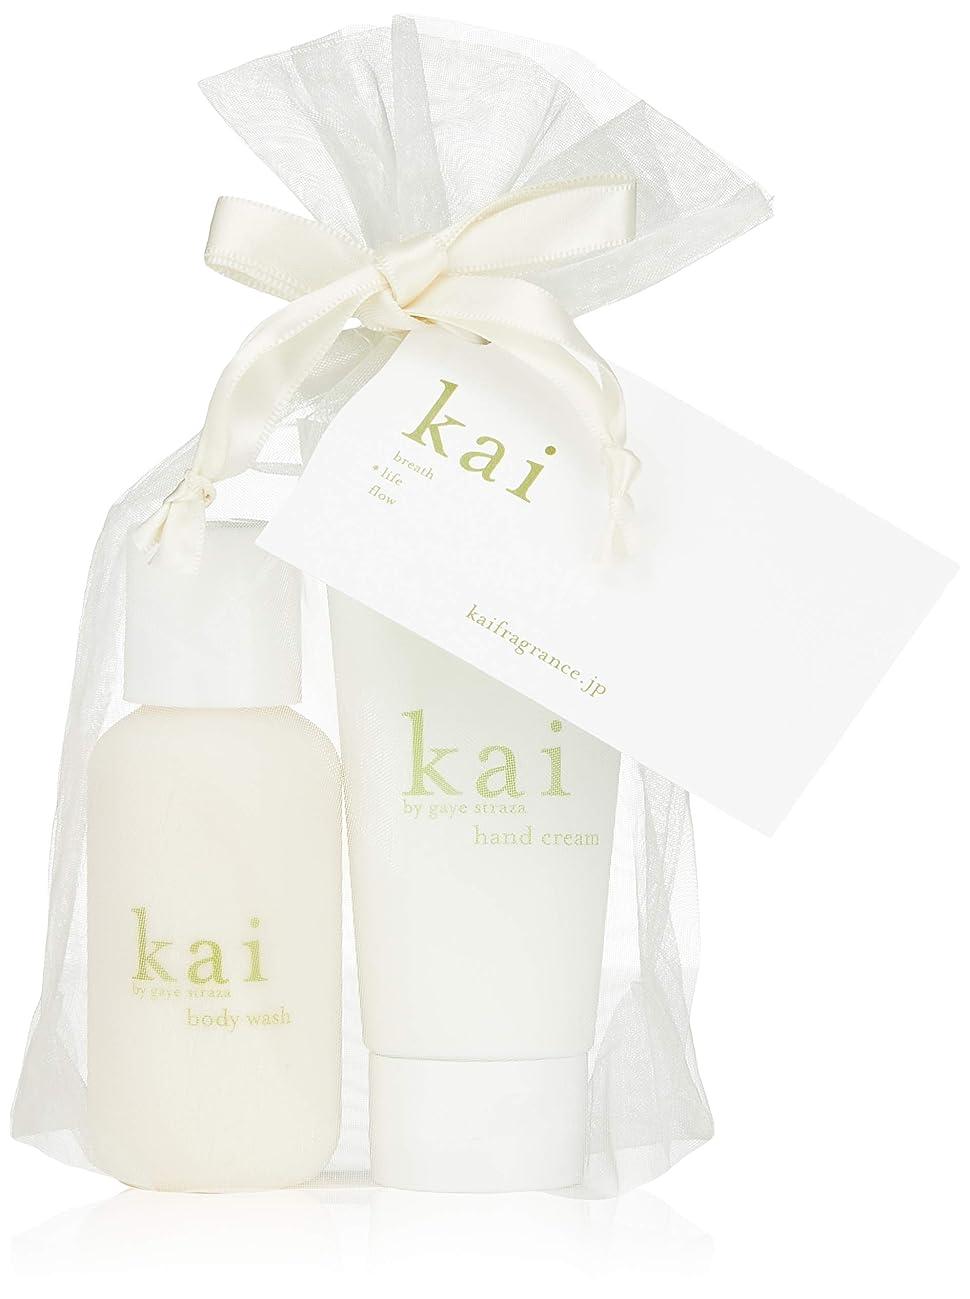 ワンダー物理学者混乱kai fragrance(カイ フレグランス) ハンドクリーム&ミニボディウォッシュ 59×2ml